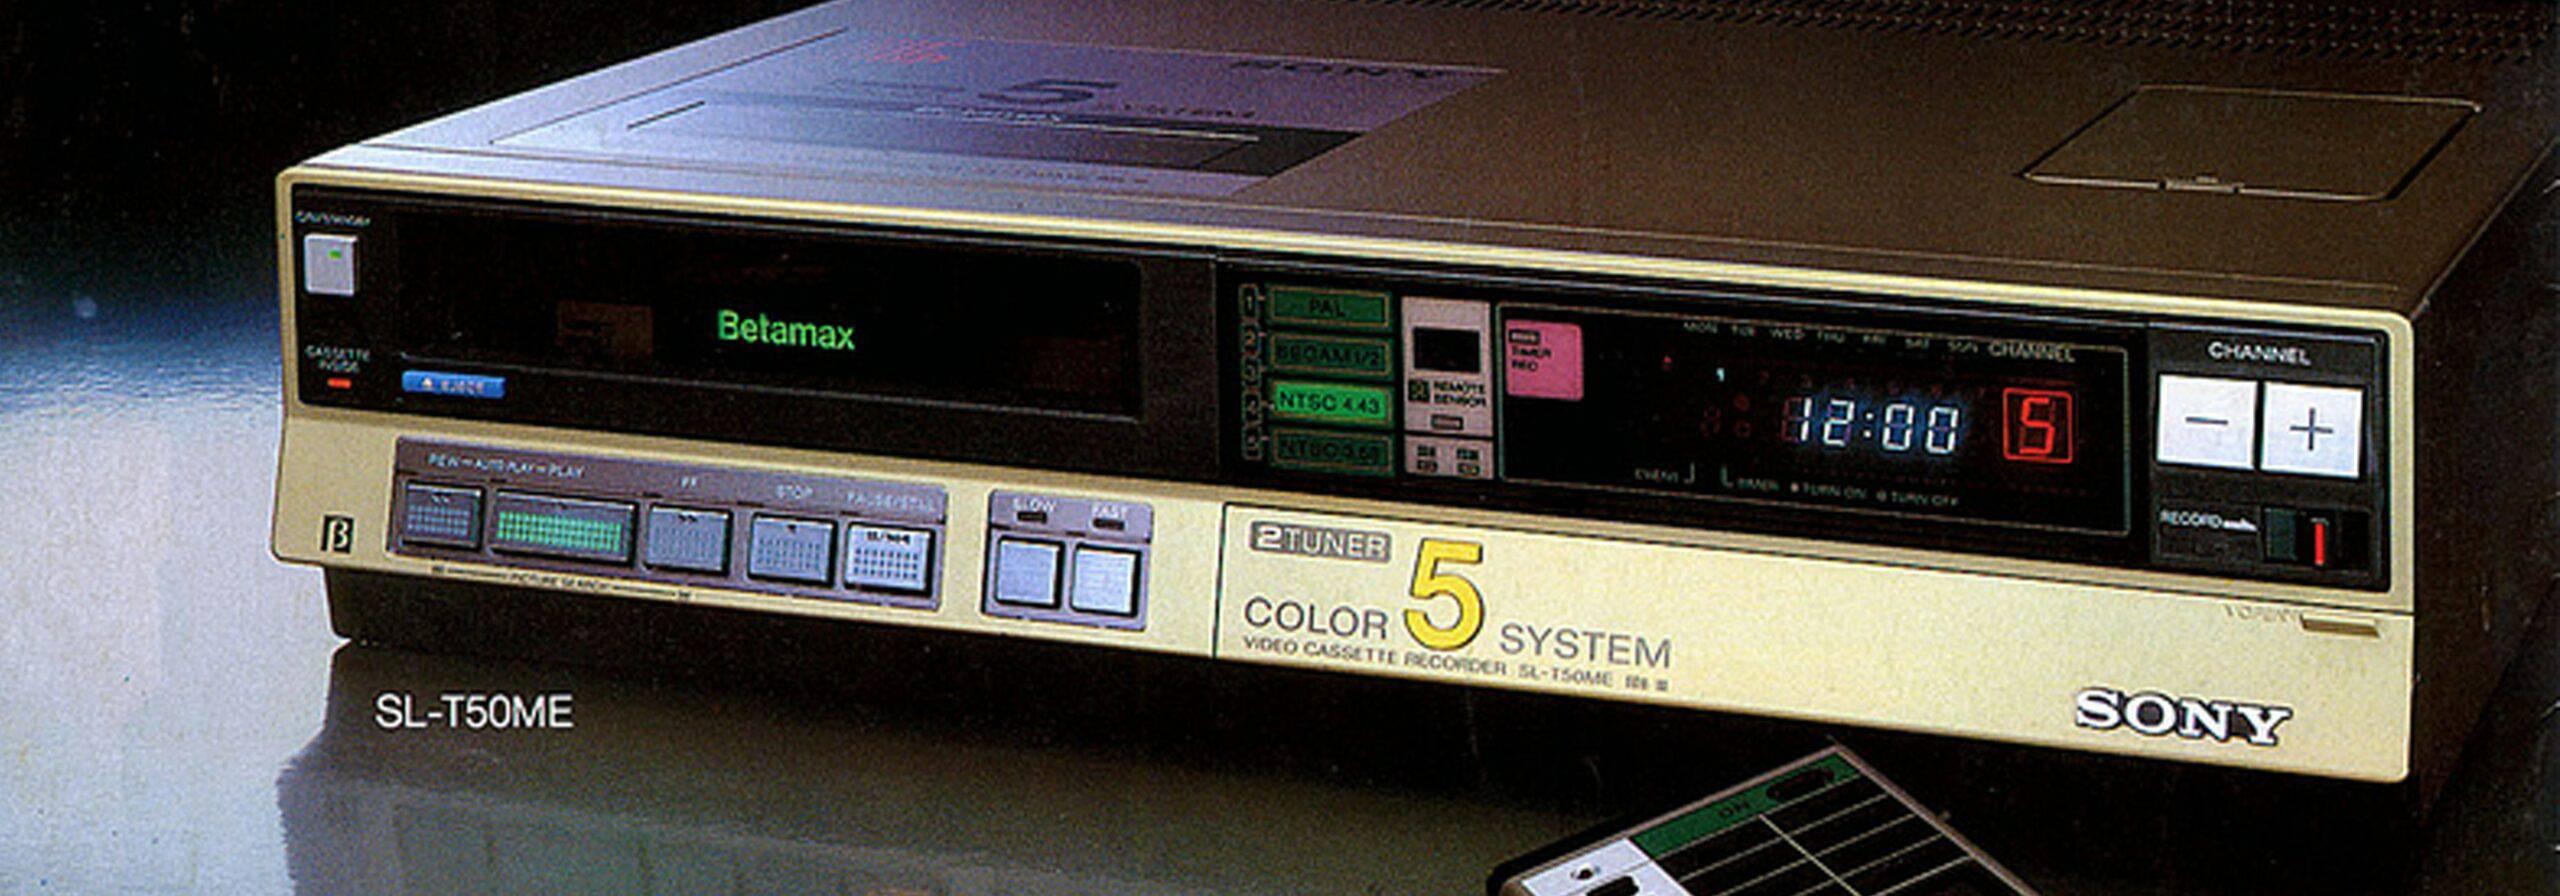 Sony's Betamax